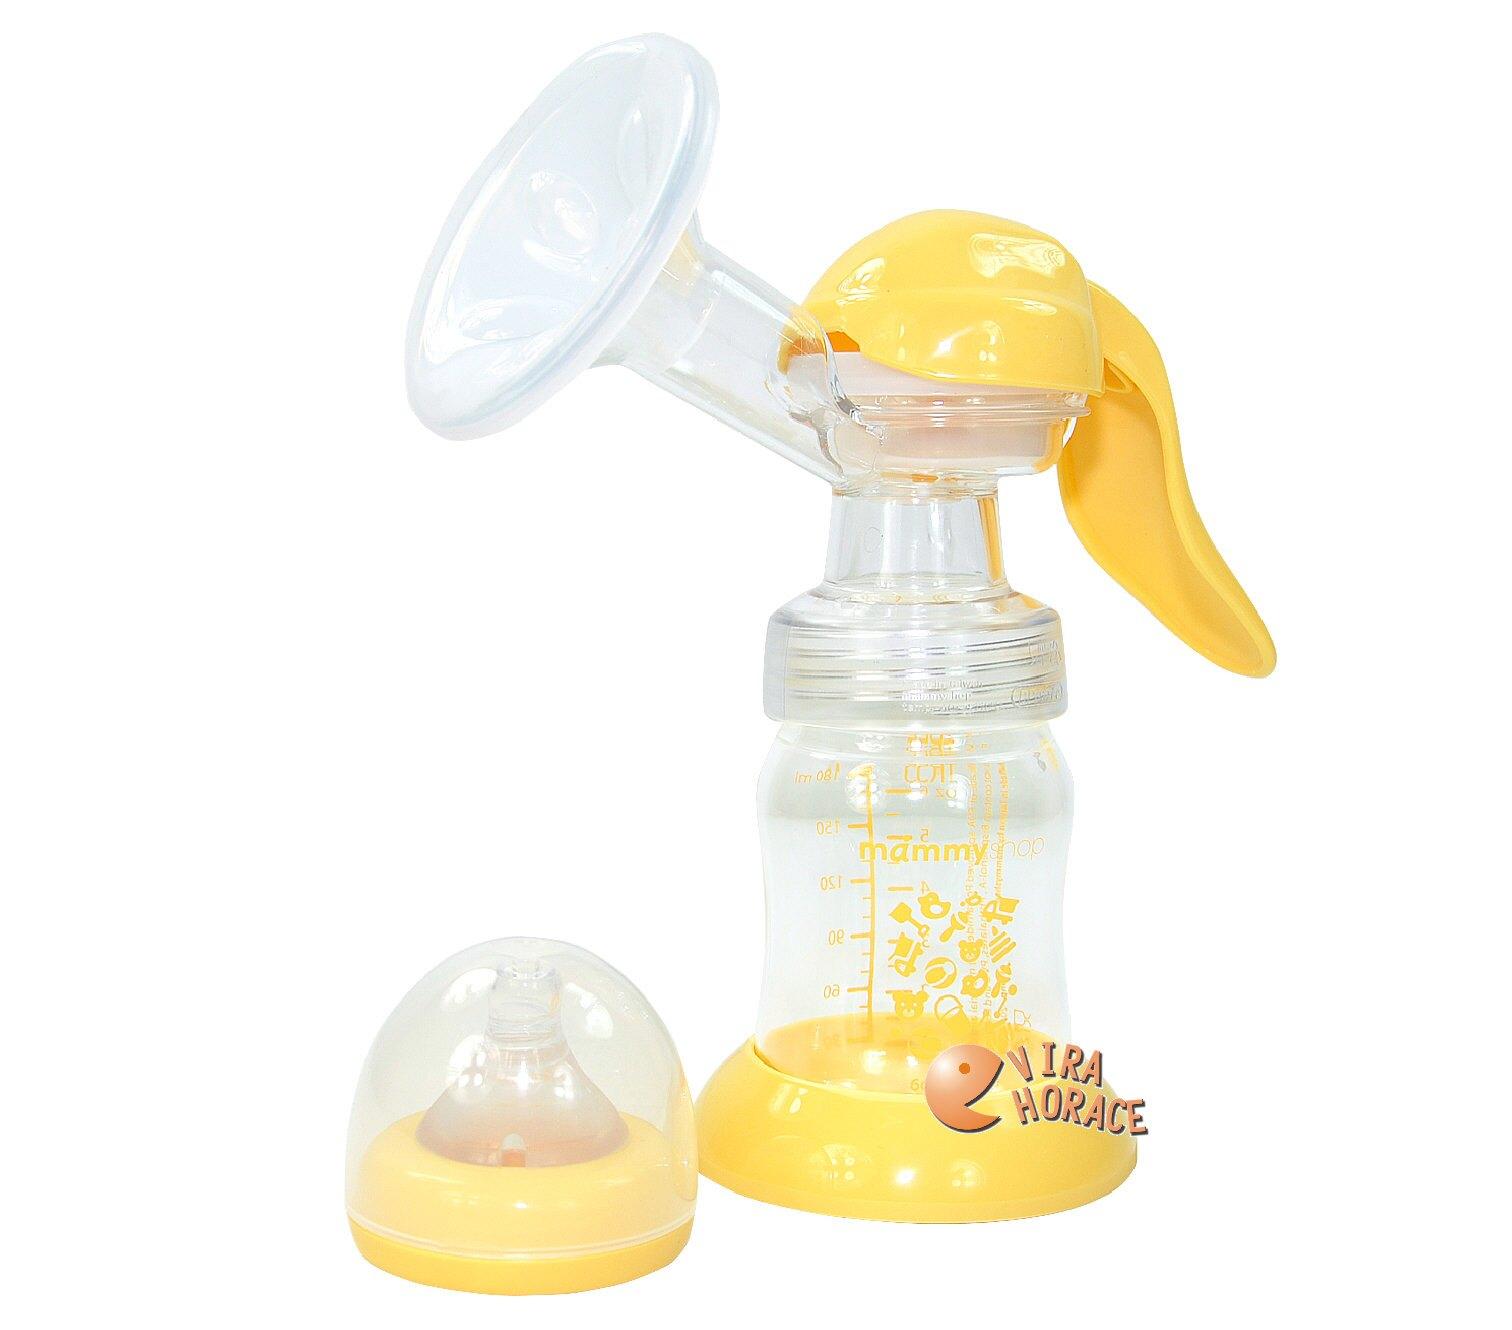 mammyshop媽咪小站母感紓壓手動吸乳器,贈母感防溢乳墊30枚及母乳冷凍袋150ML20枚